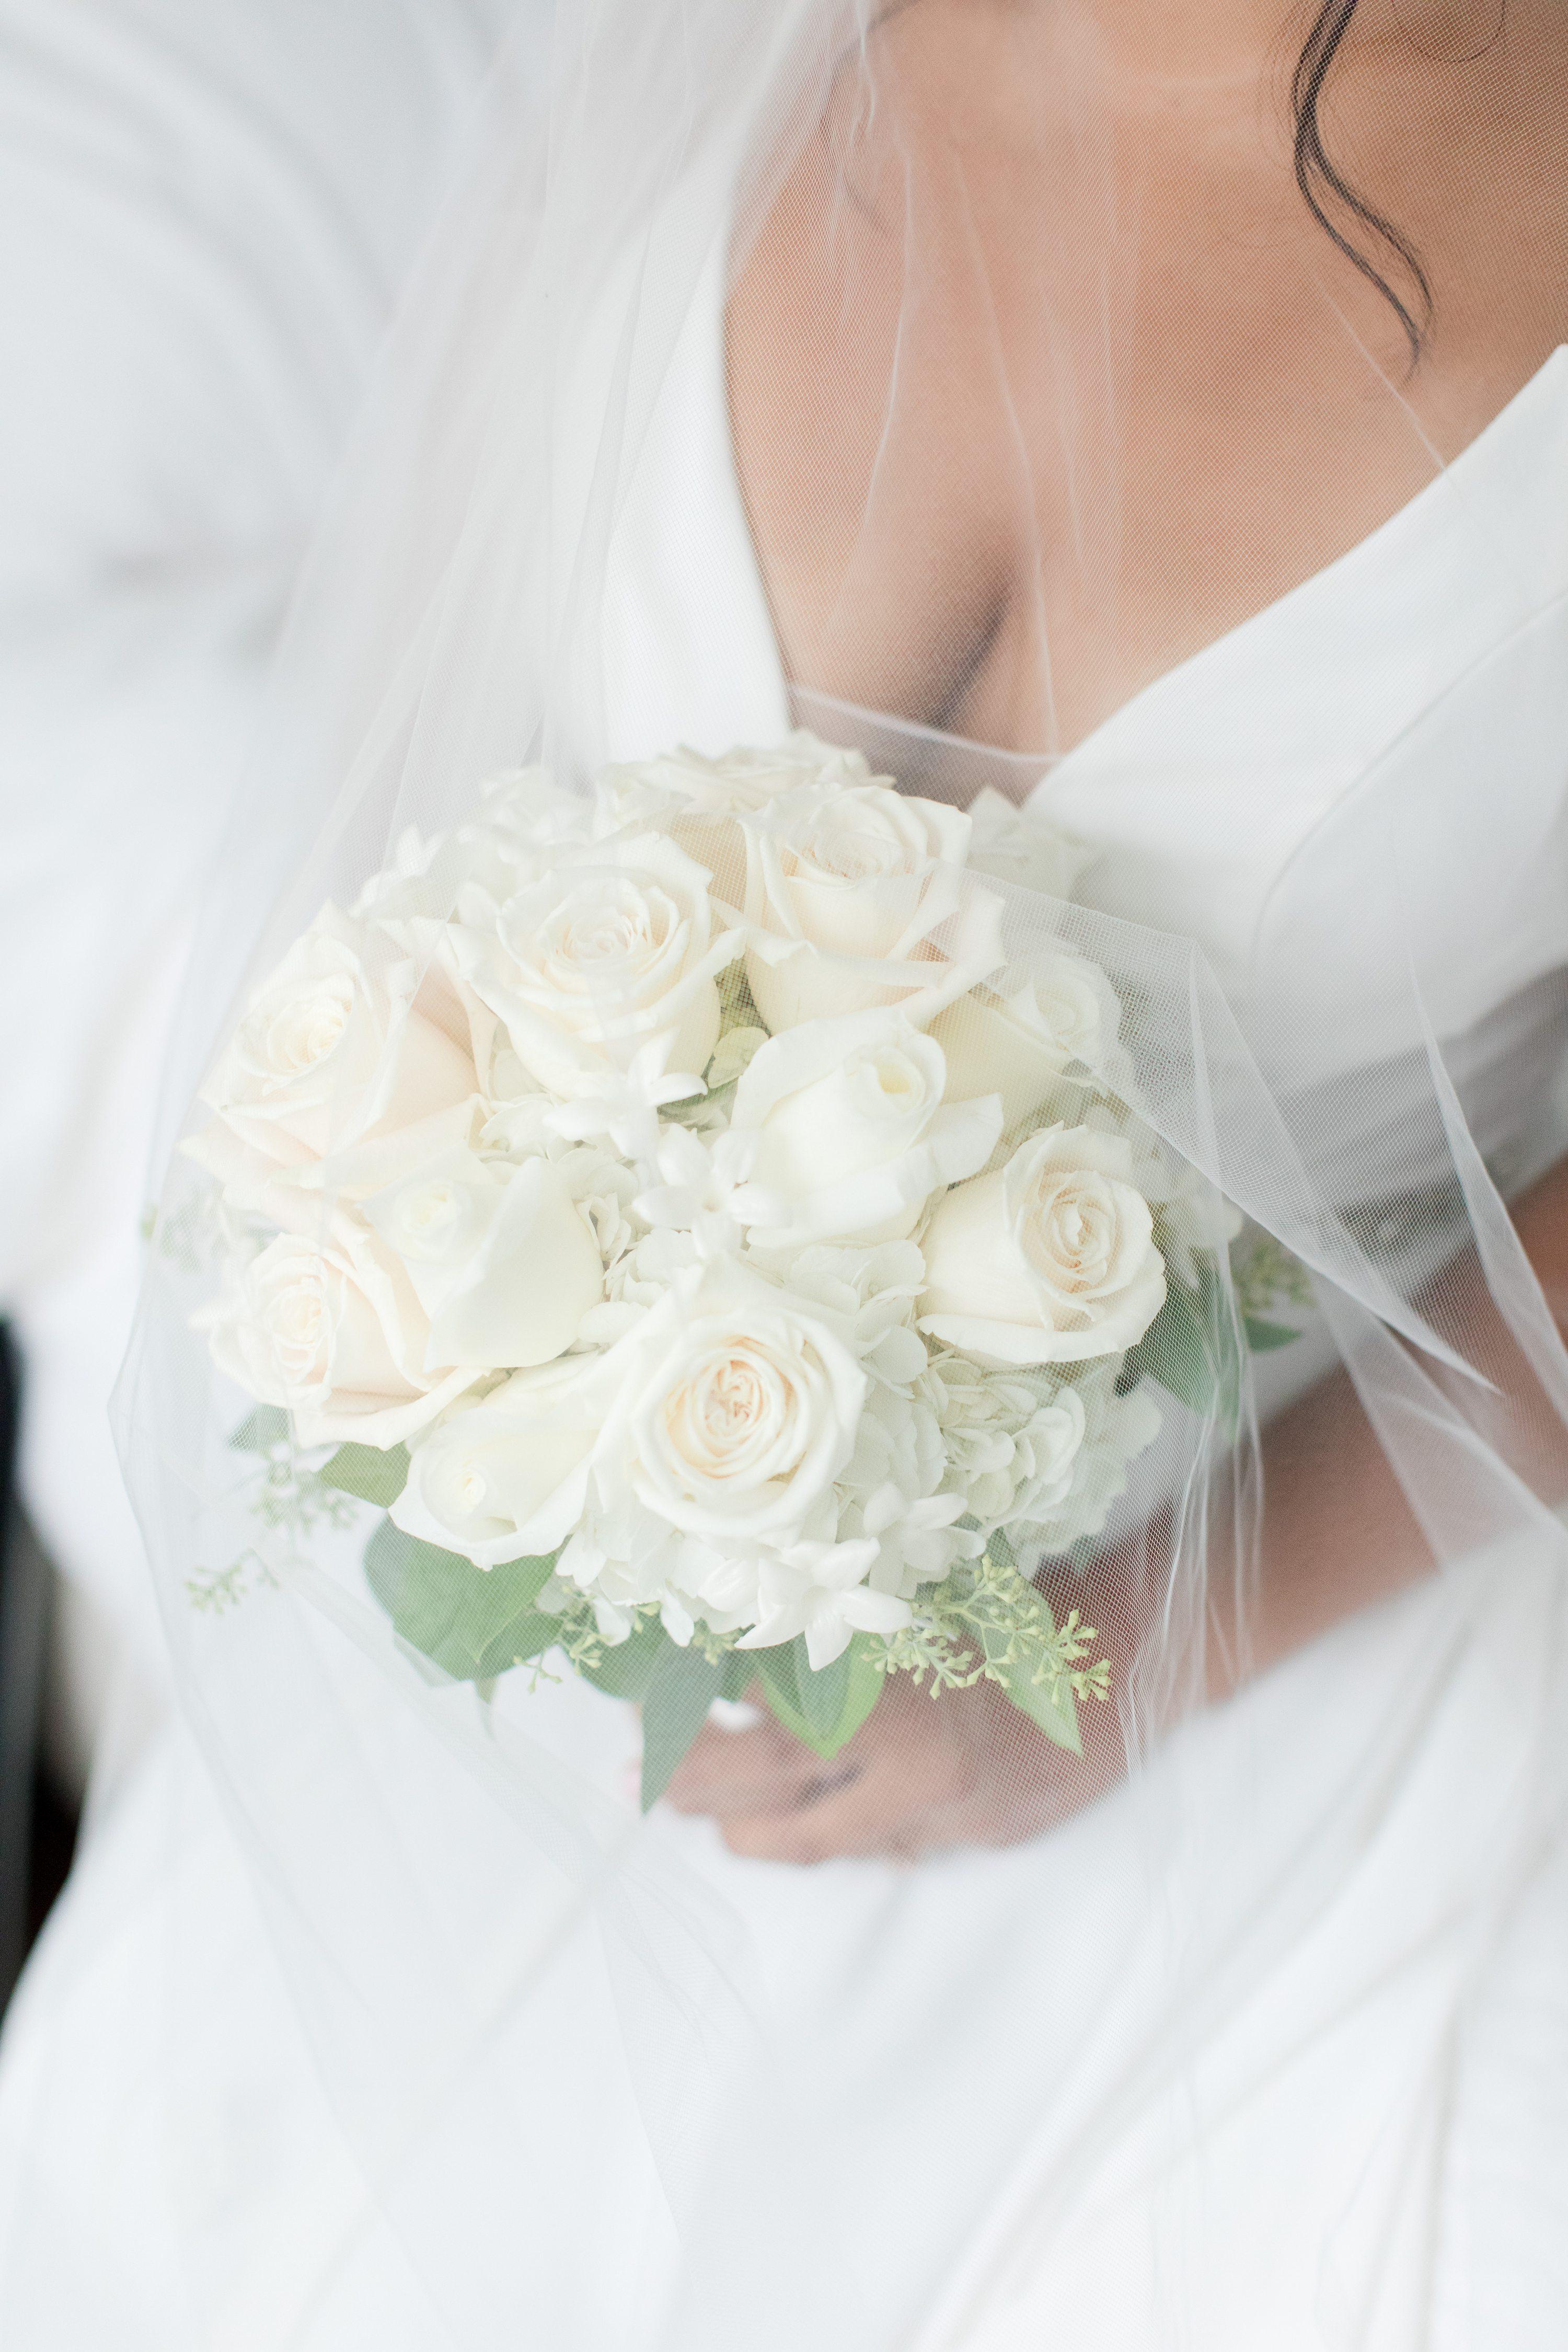 NJ elopement wedding, elopements